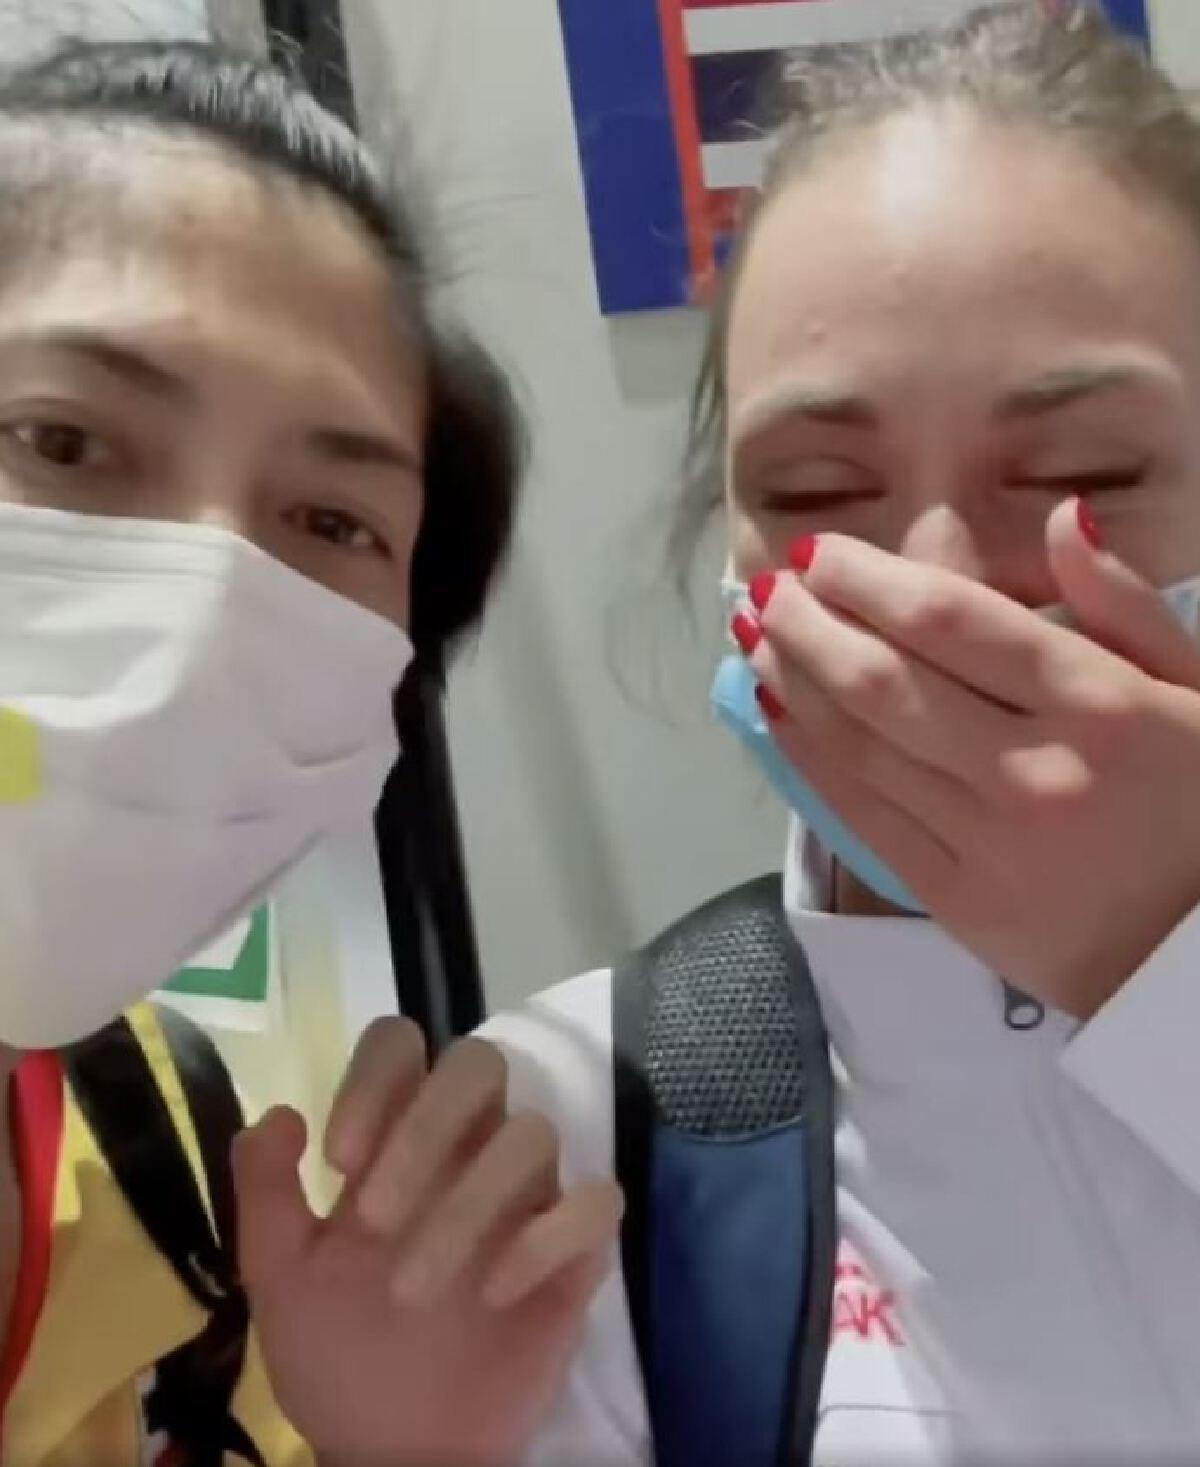 เเฟนลูกยางไทยเดือด บุกถล่มยับตบเซอร์เบีย ทำท่าเหยียดคนเอเชีย ใส่ตบสาวไทย